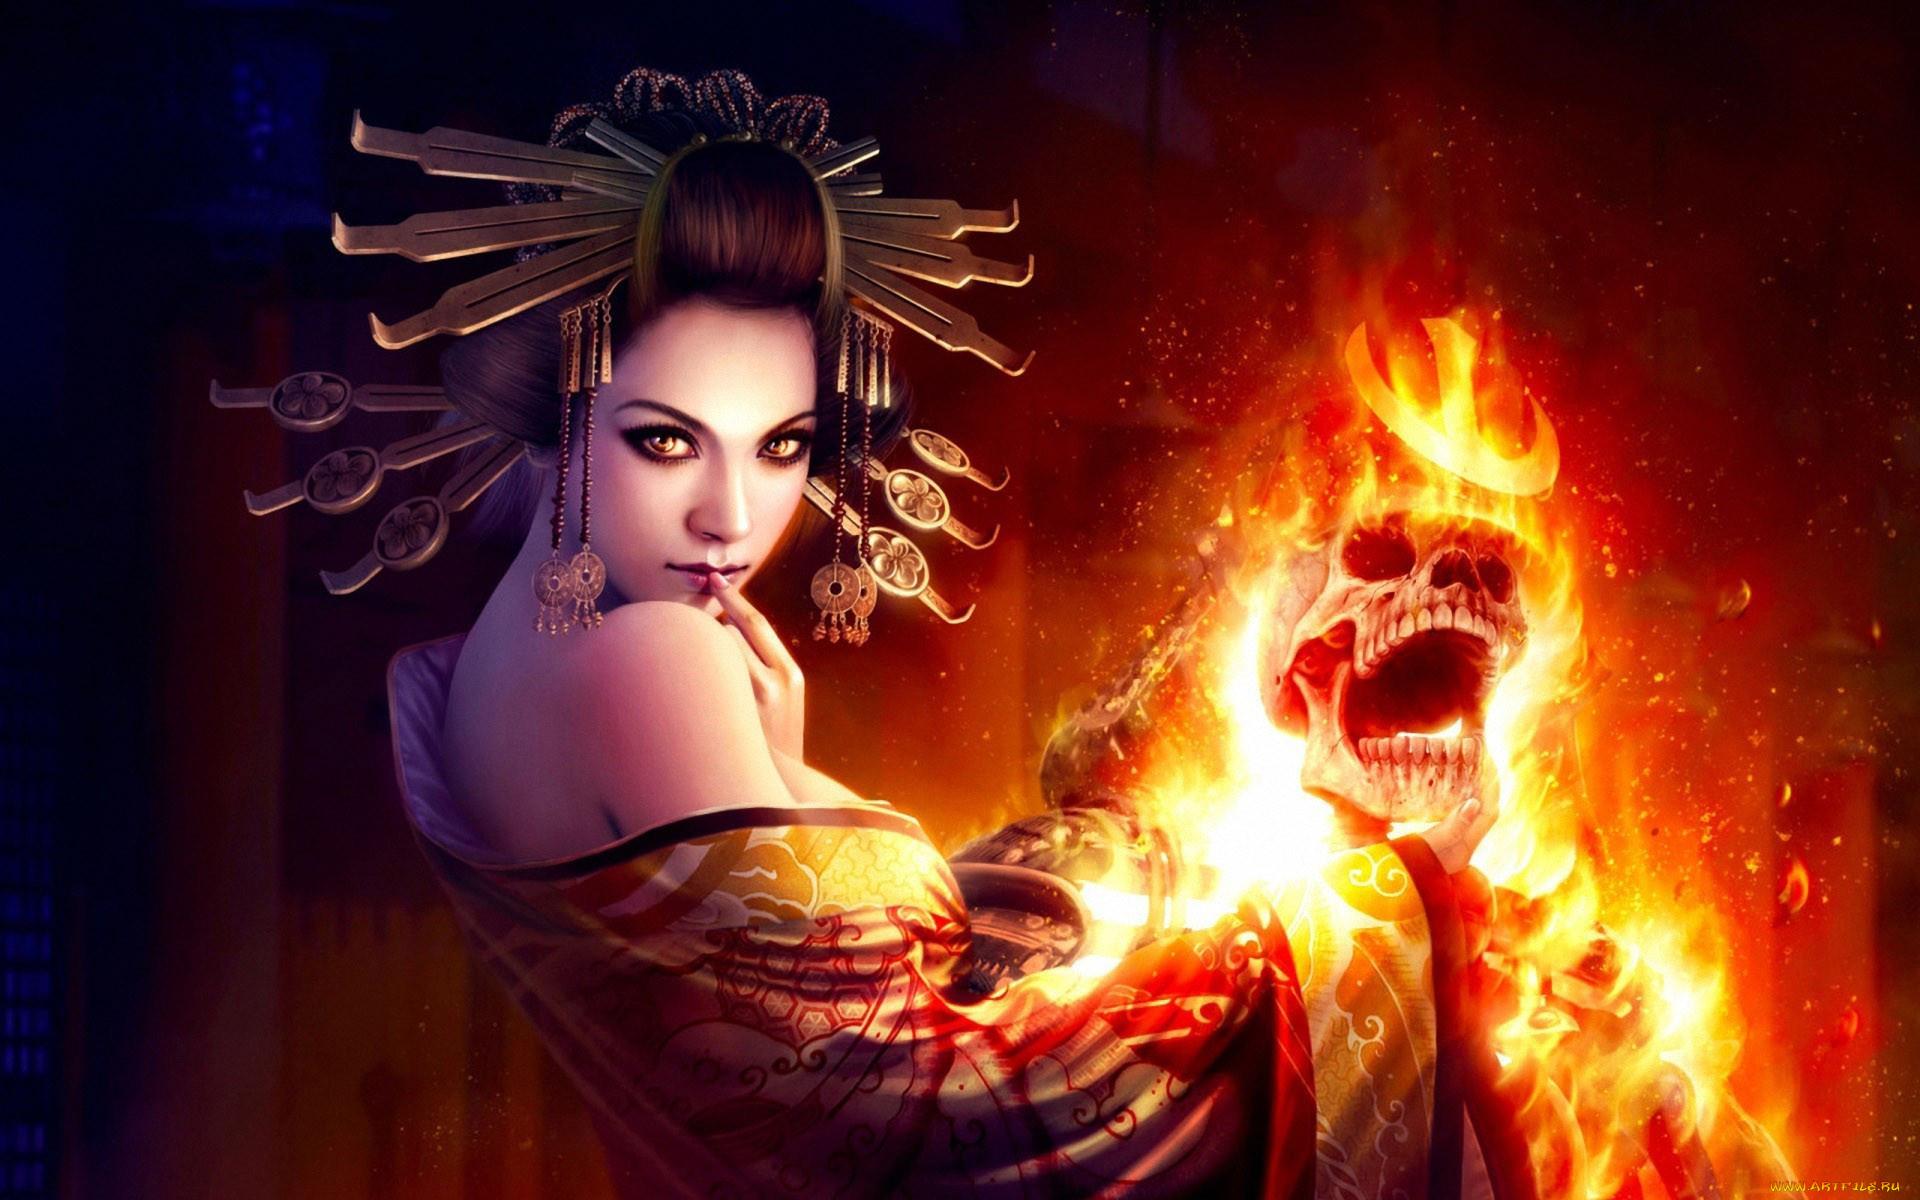 актёры ведьмы в гневе картинки так густо